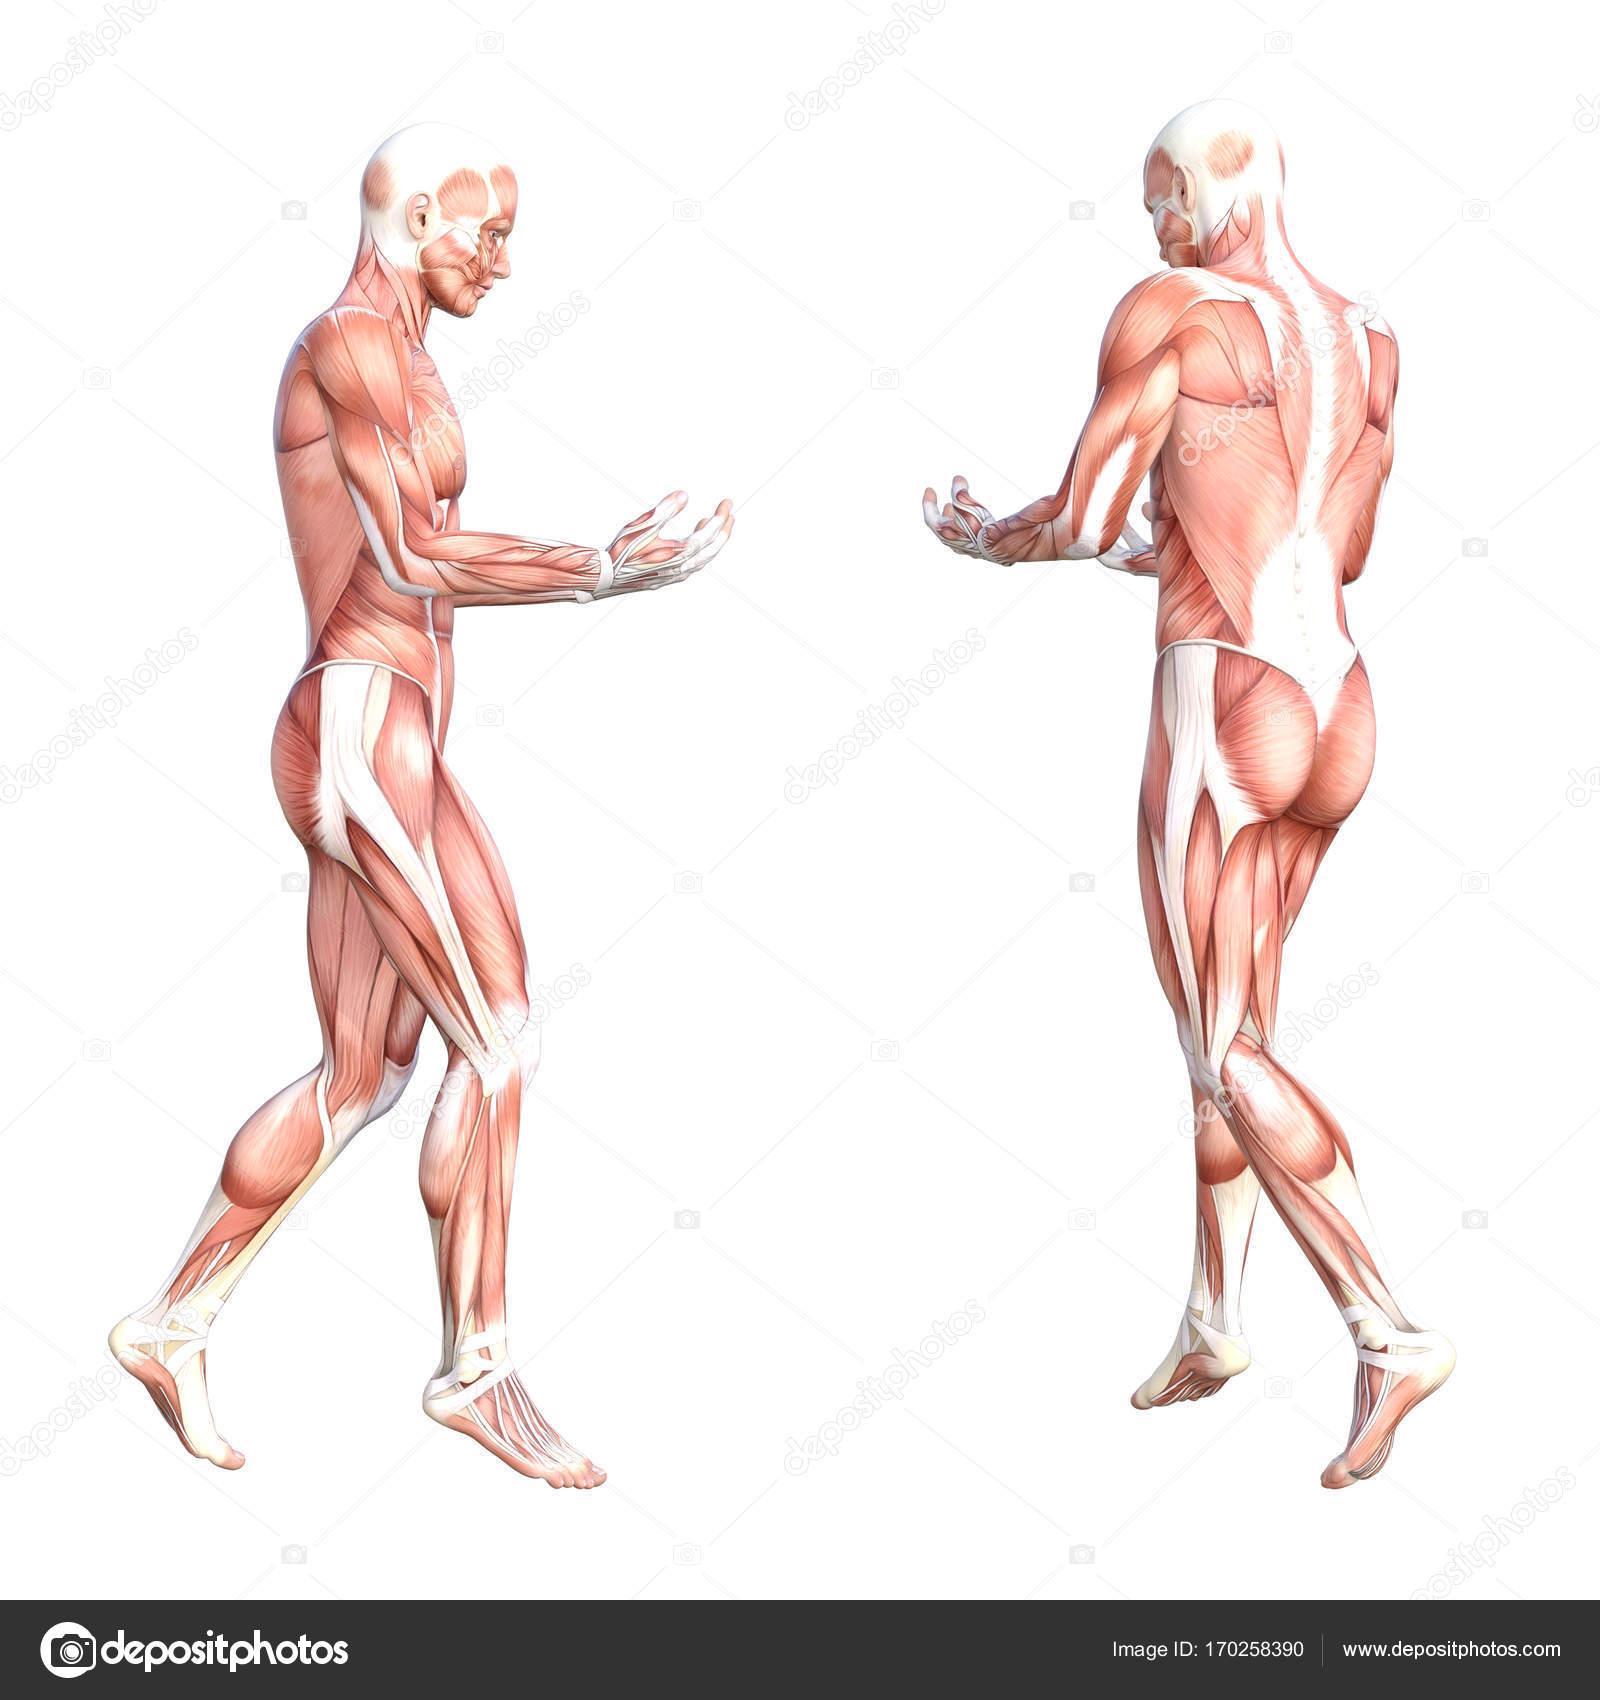 Menschlichen Körper-Muskel-system — Stockfoto © design36 #170258390